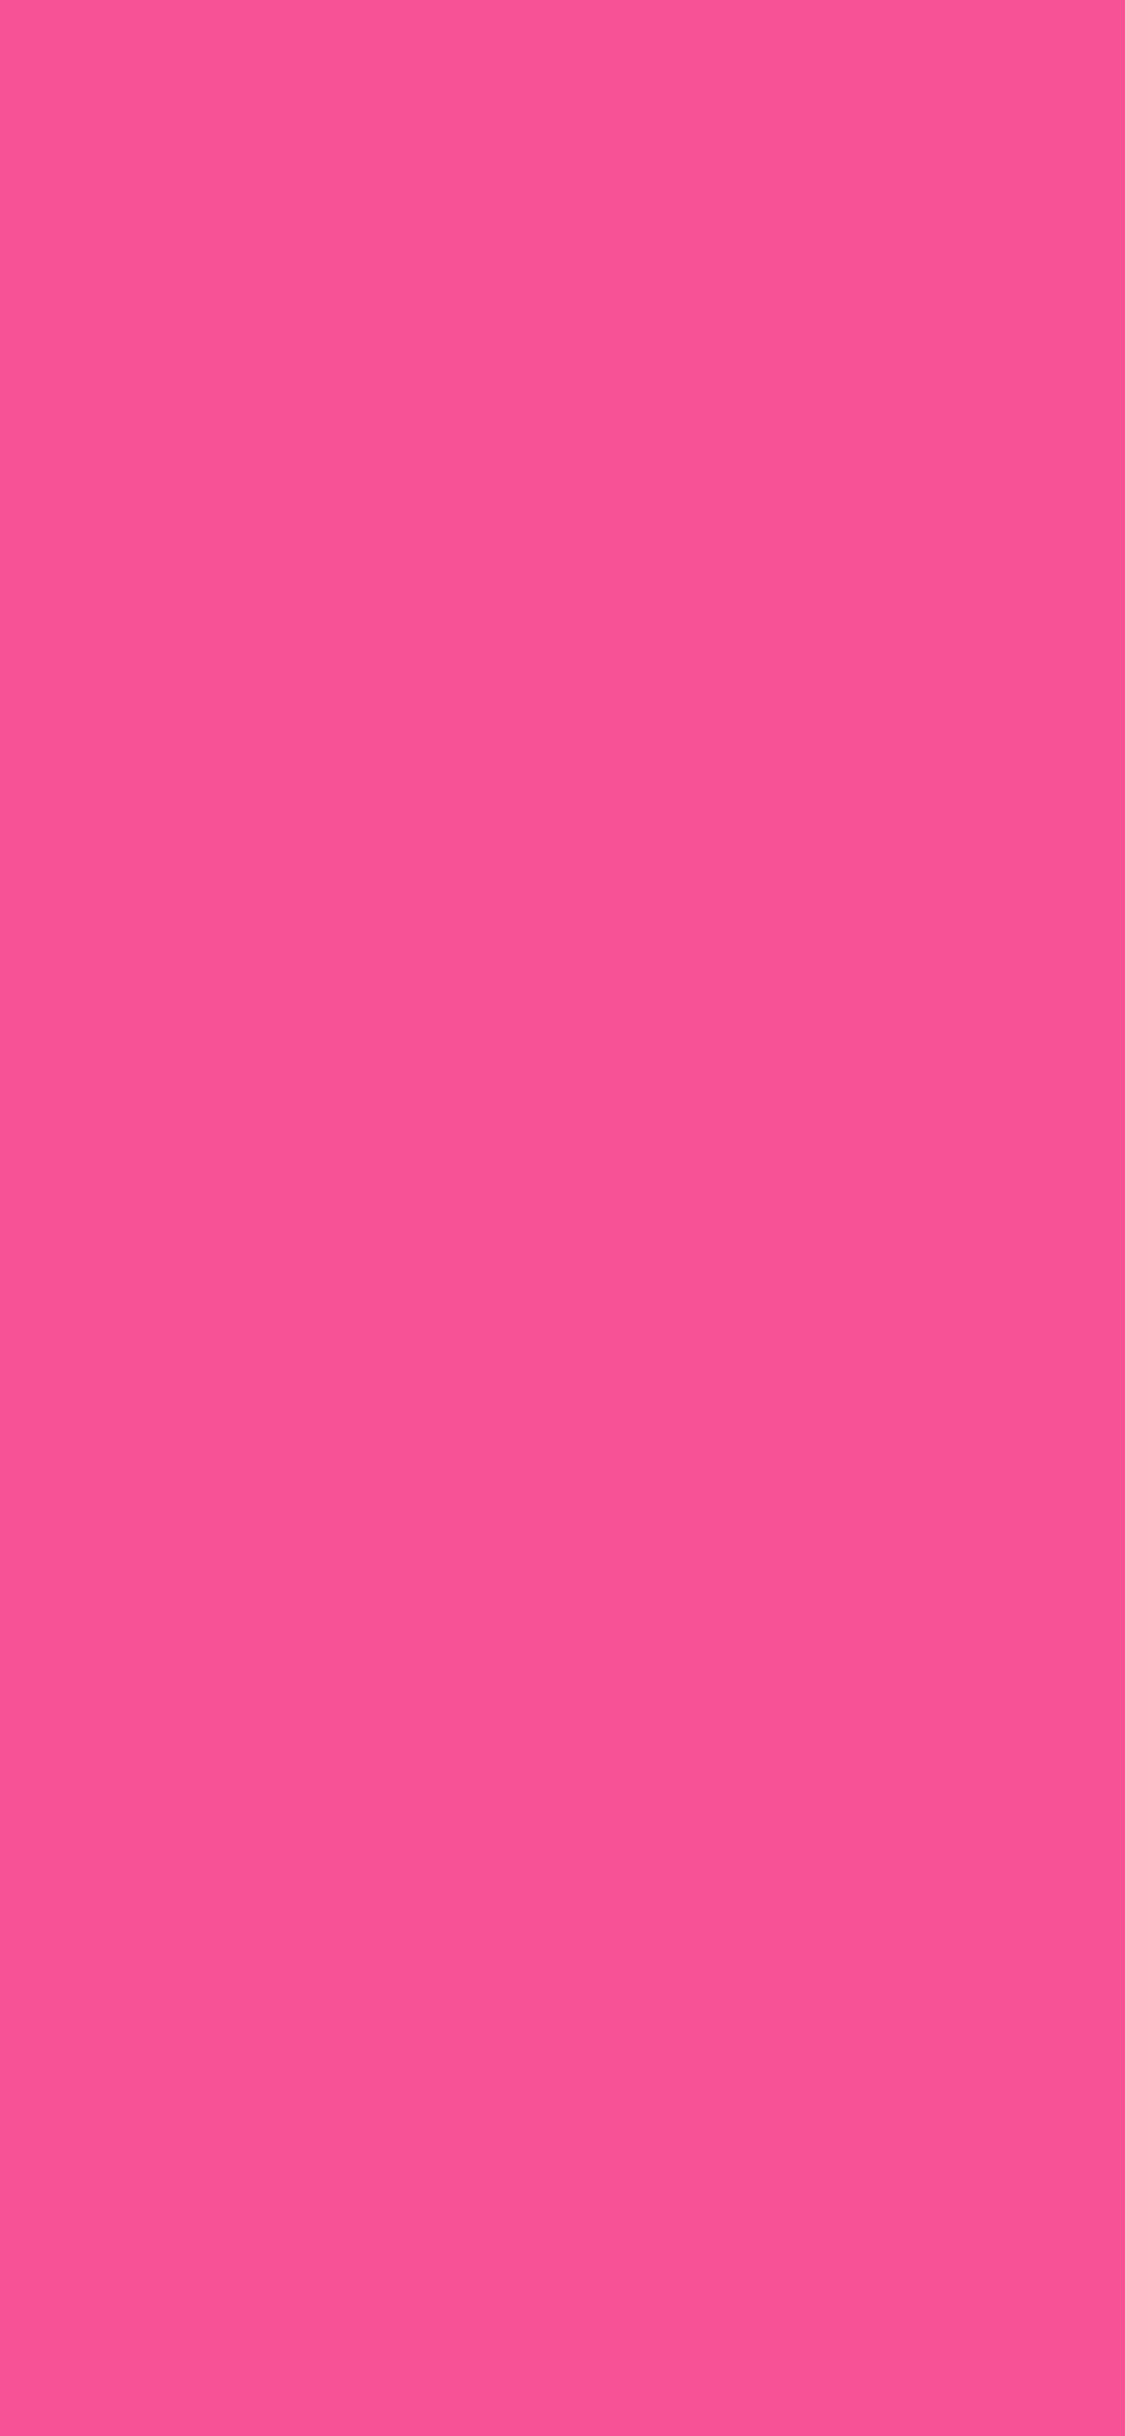 1125x2436 Violet-red Solid Color Background